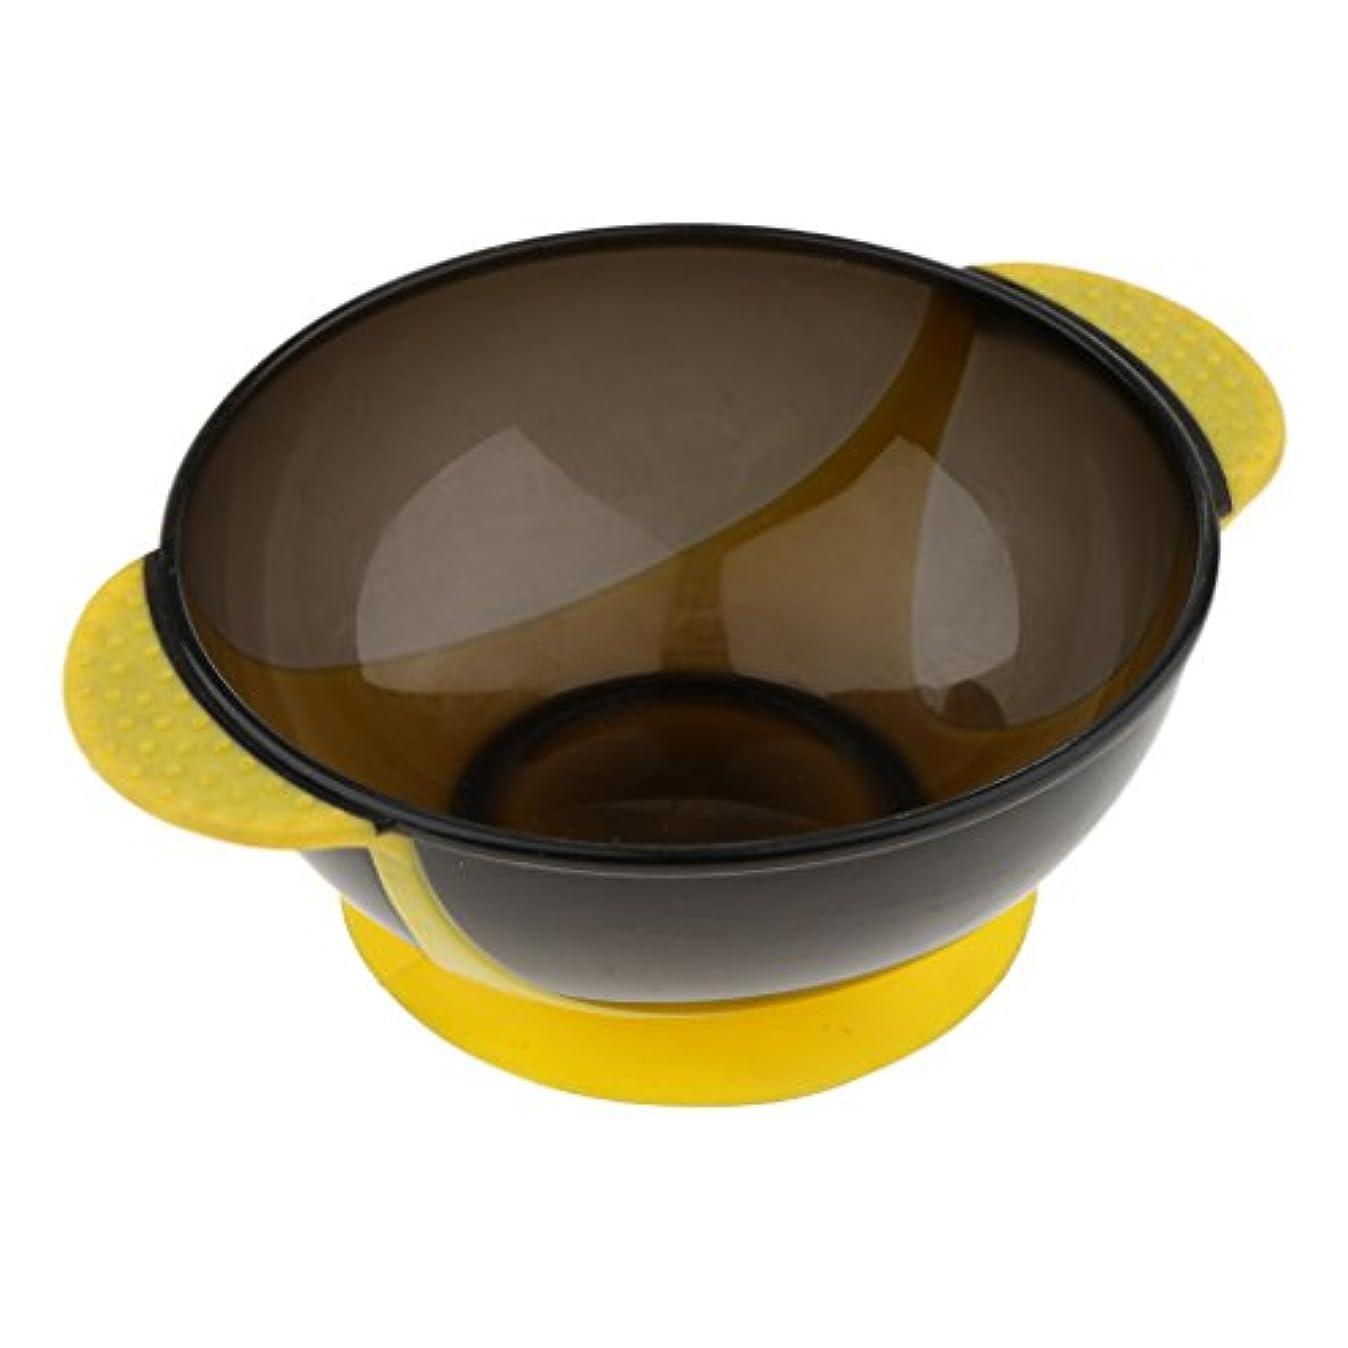 Perfk ヘアダイボウル プラスチック製 サロン 髪染め ミントボウル 着色ツール 吸引ベース 3色選べる - 黄